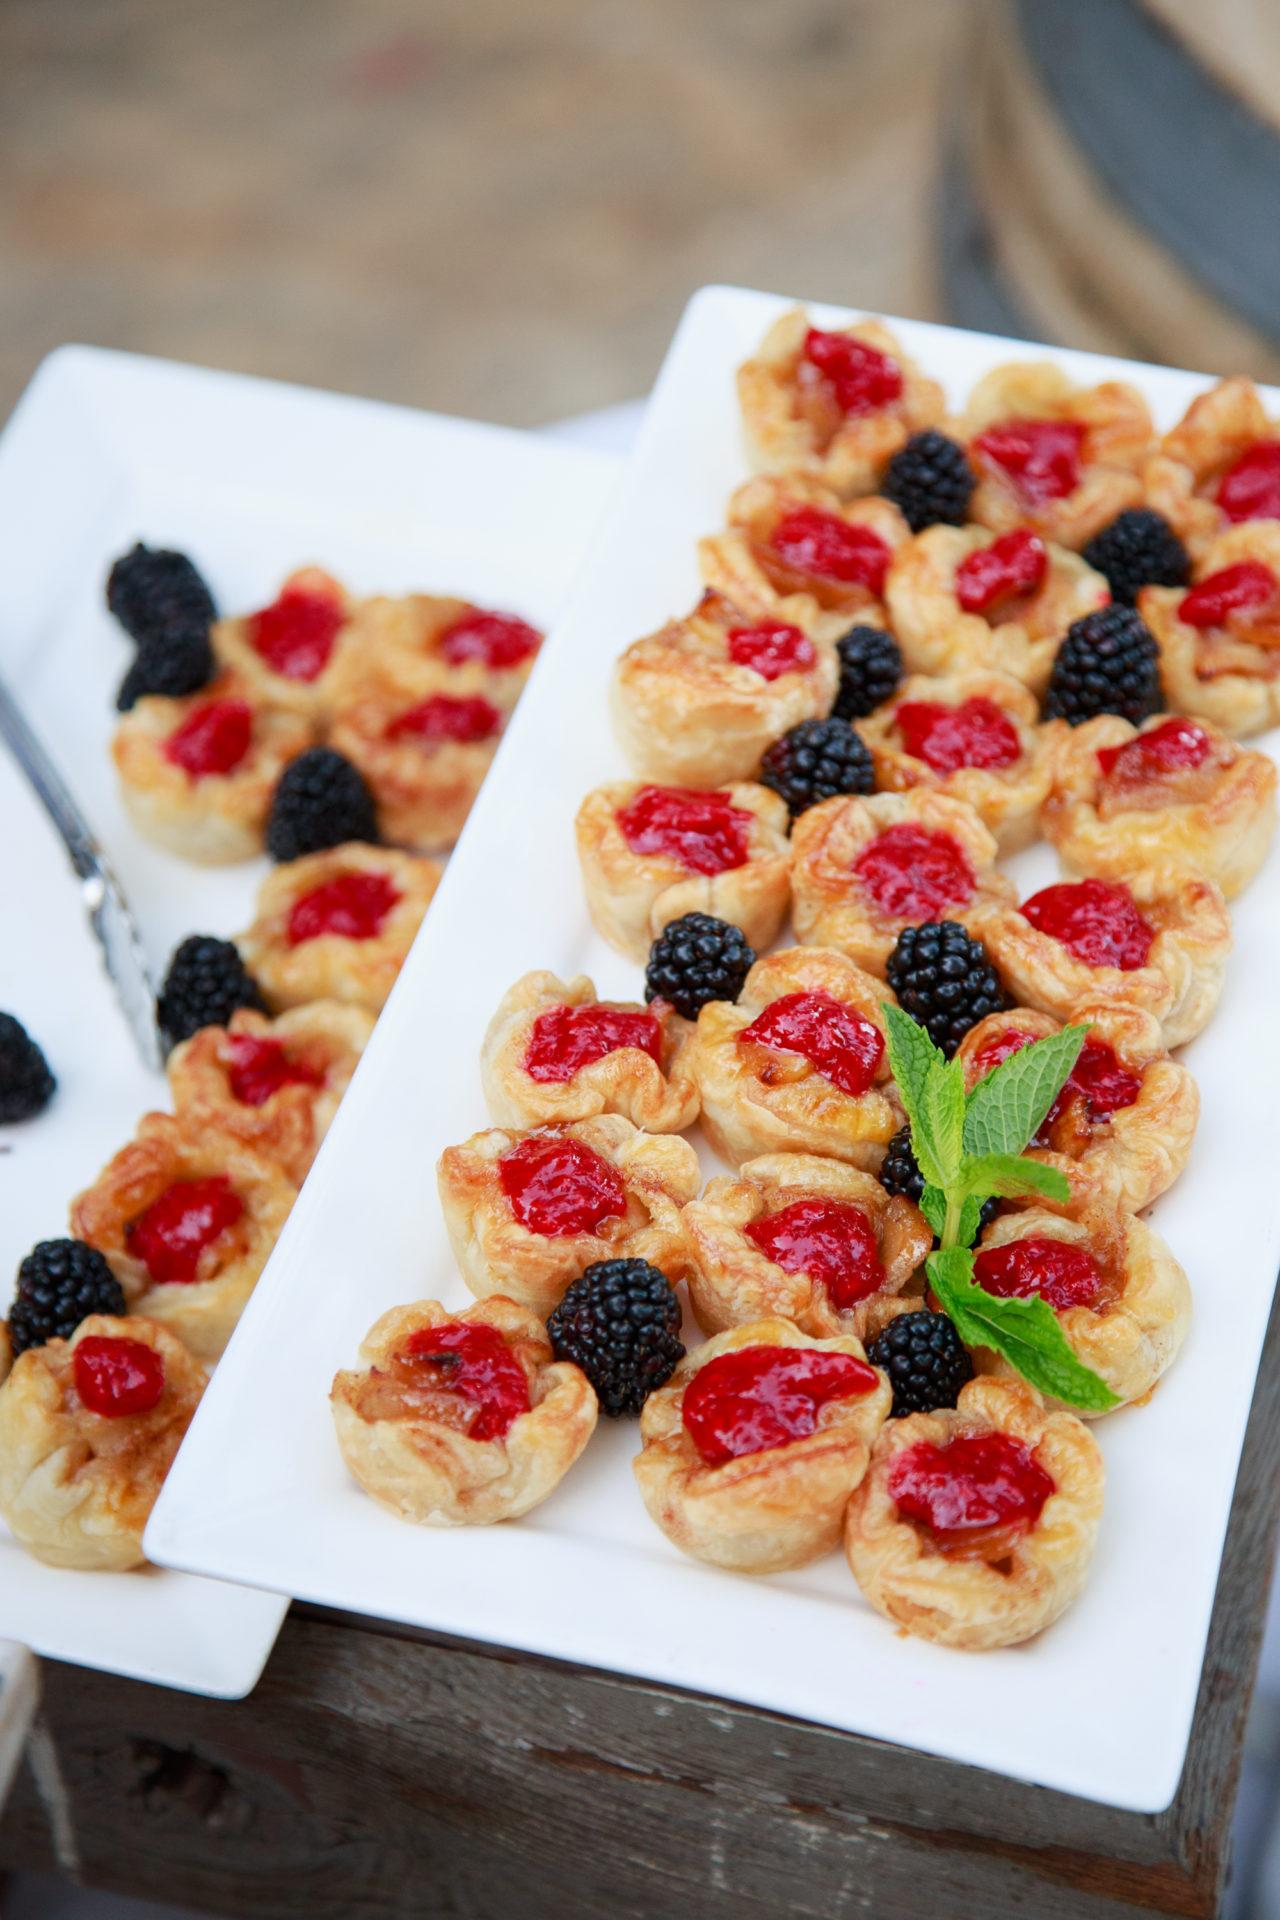 Park Avenue Catering SOnoma California dessert